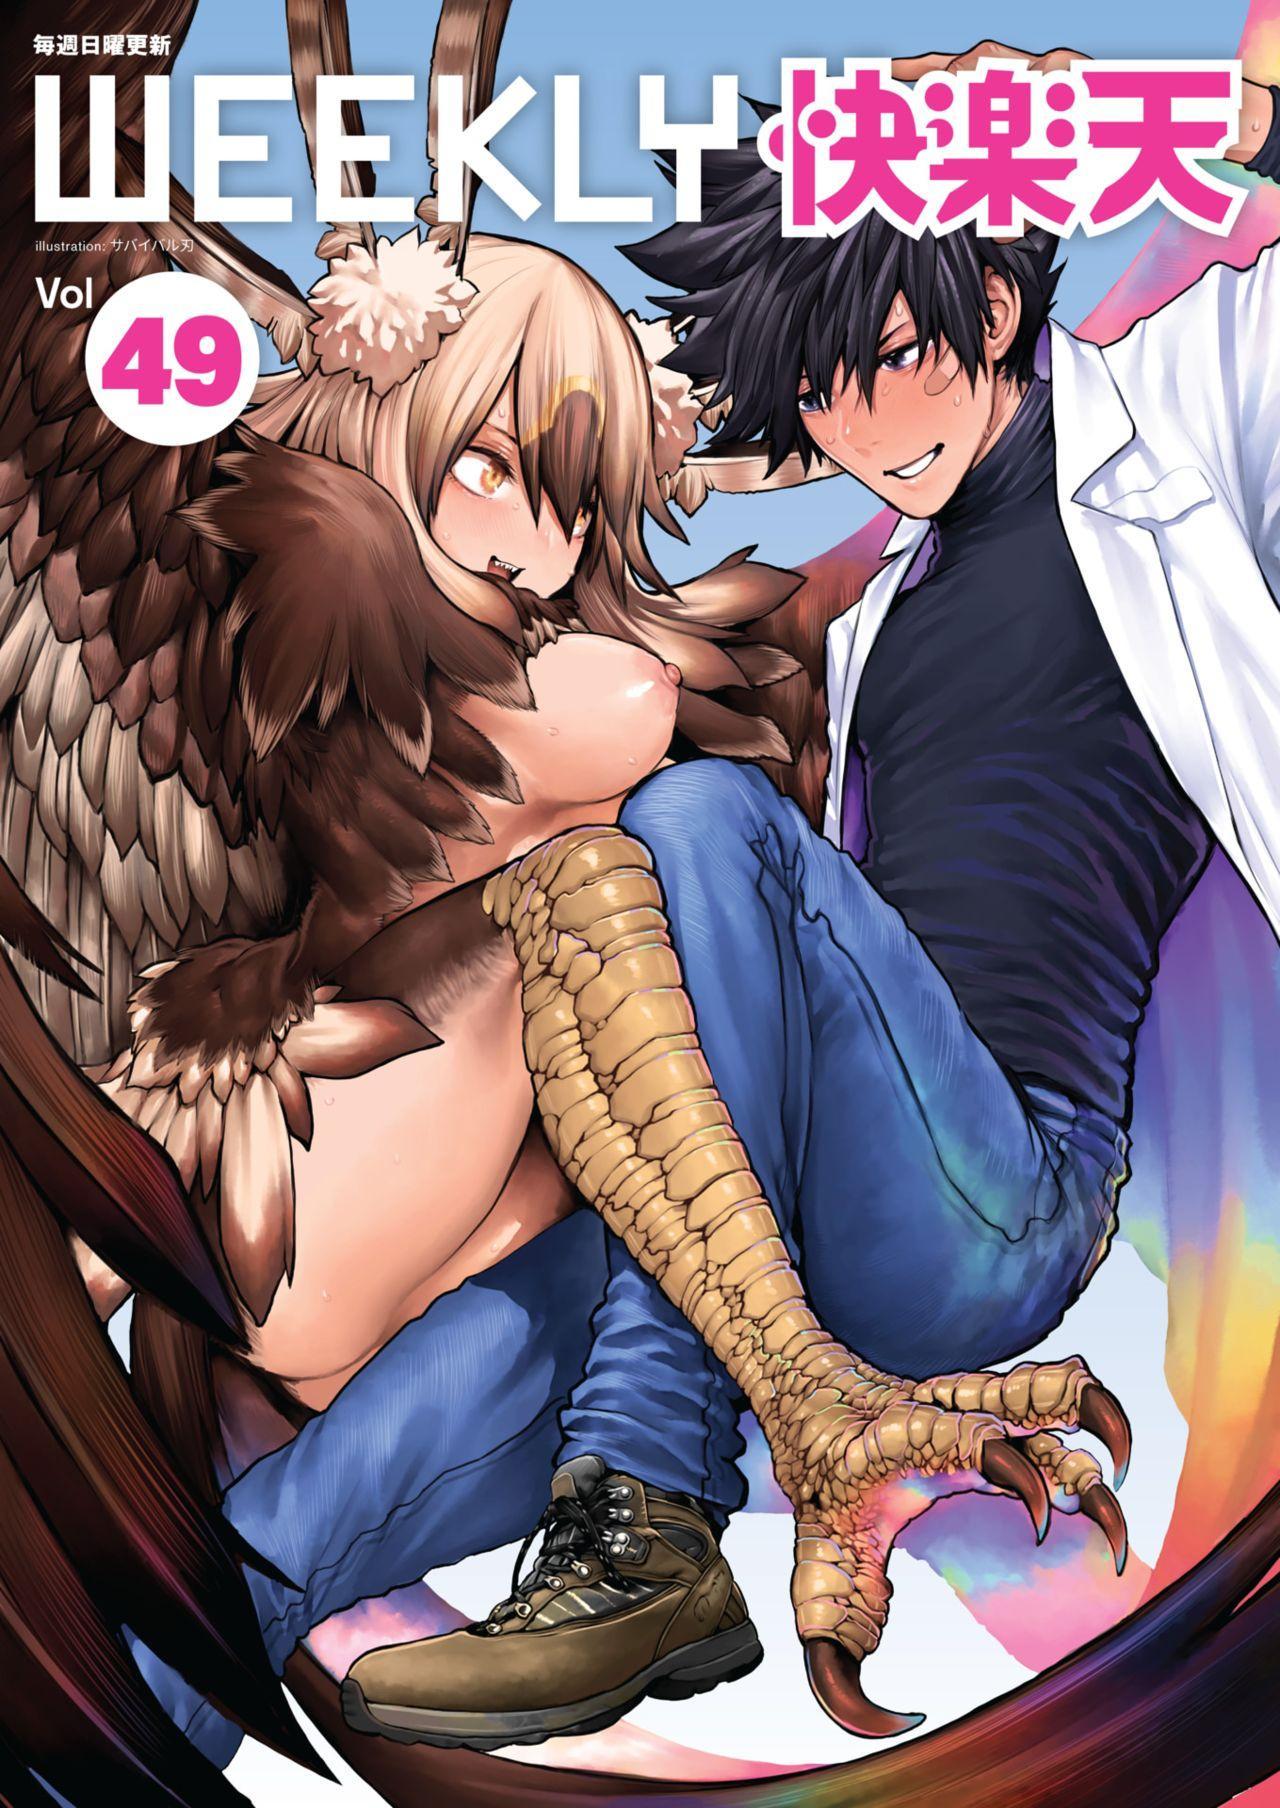 WEEKLY Kairakuten Vol.49 0